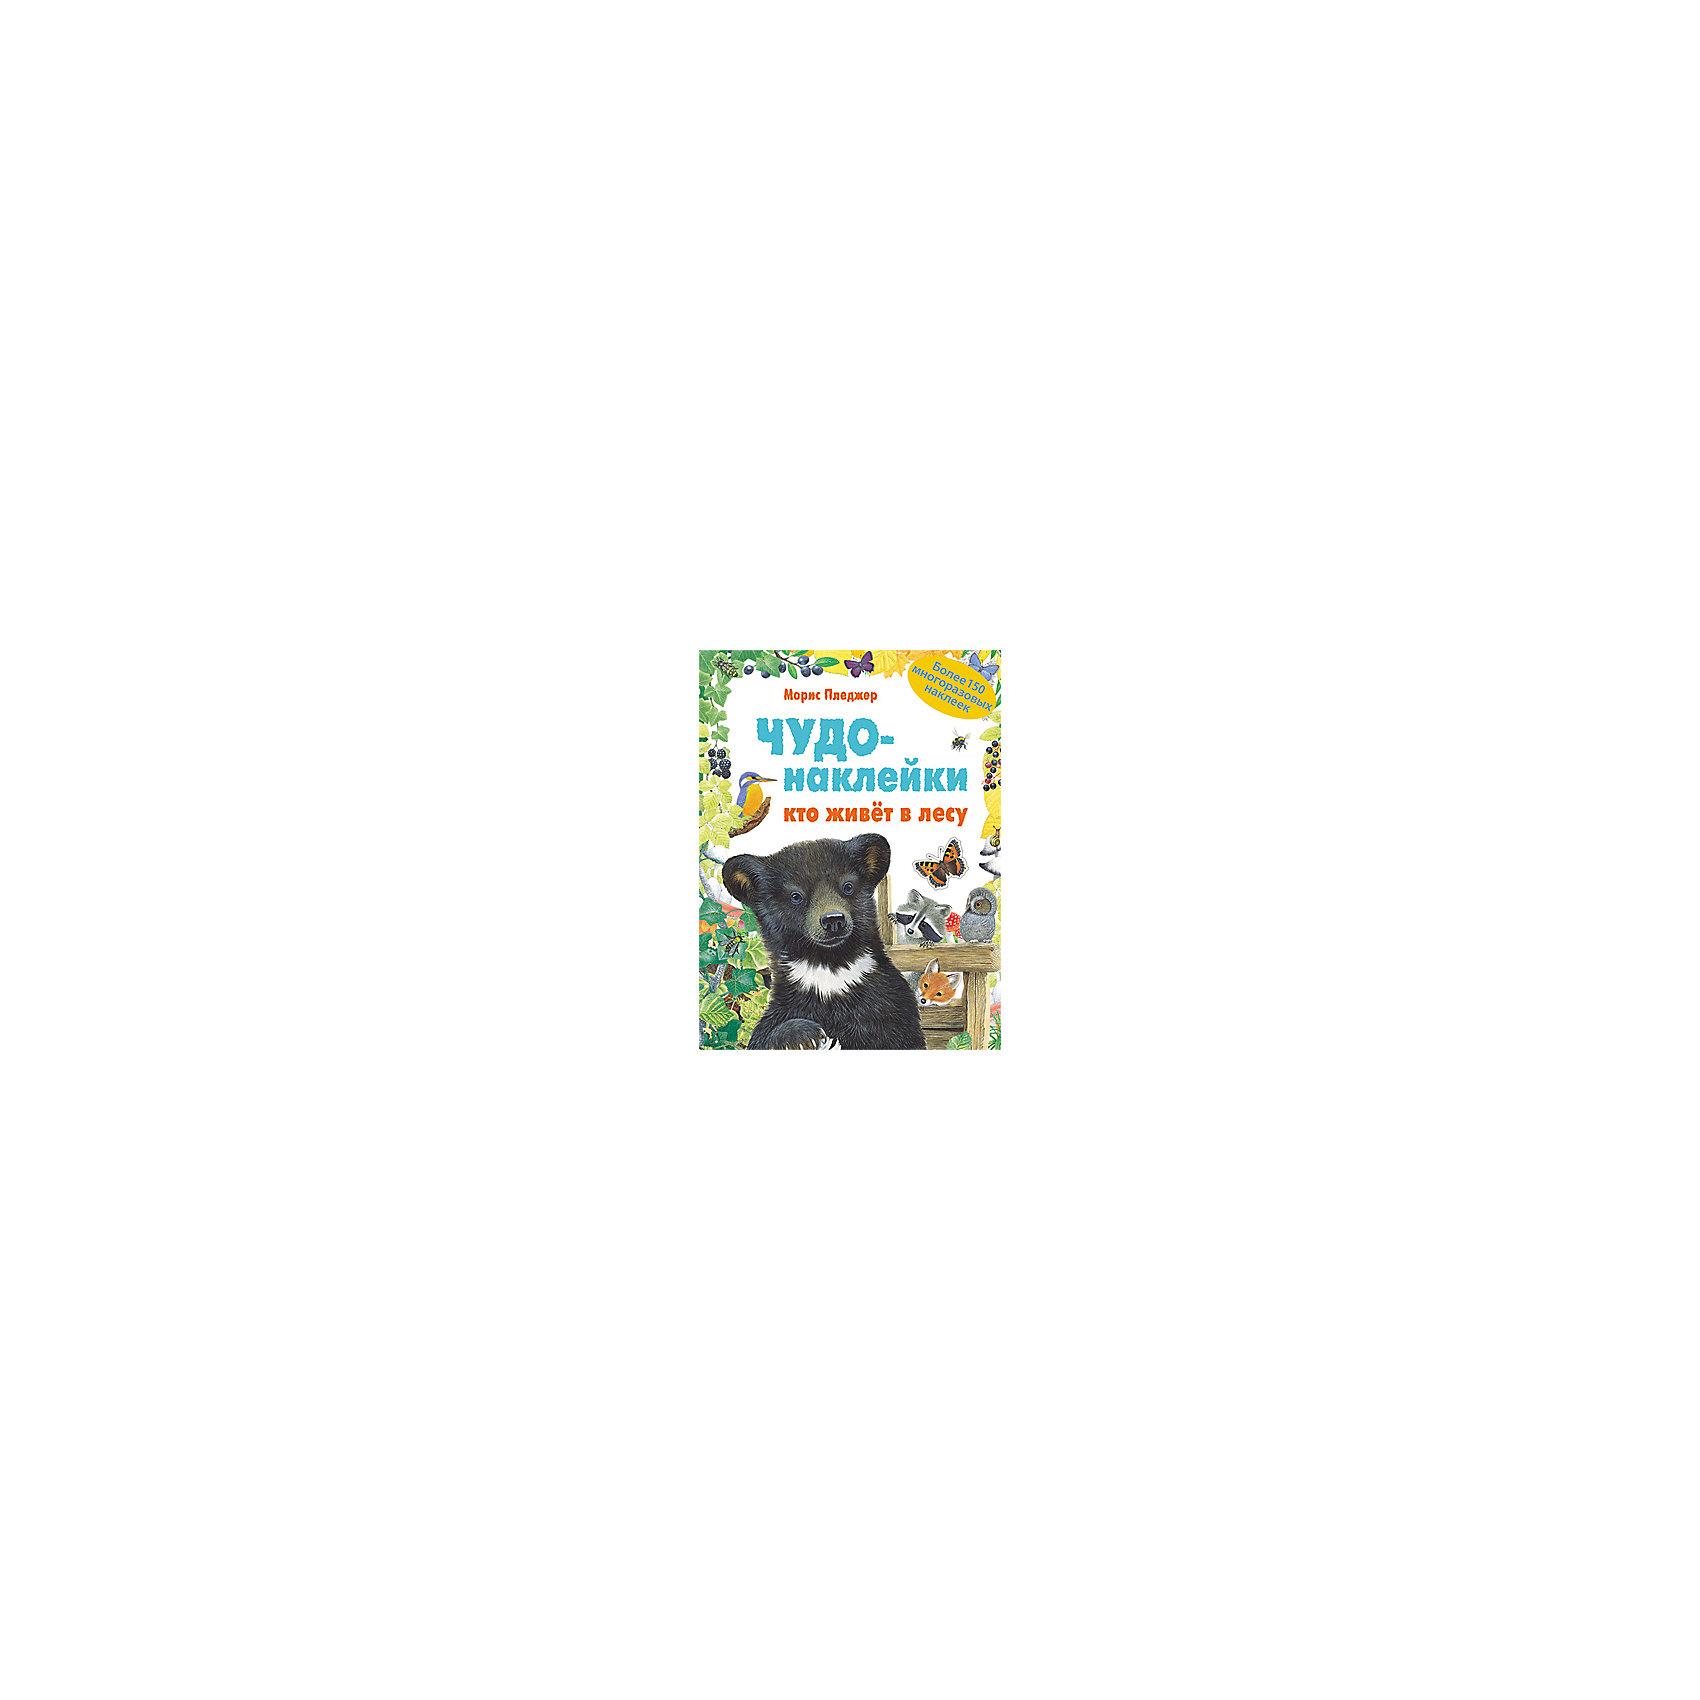 Чудо-наклейки Кто живет в лесу, Мозаика-СинтезТворчество для малышей<br>Чудо-наклейки Кто живет в лесу, Мозаика-Синтез.<br><br>Характеристики:<br><br>• Издательство: МОЗАИКА-СИНТЕЗ<br>• ISBN: 9785867759230<br>• Тип: книга с многоразовыми наклейками.<br>• Раздел знаний: ознакомление с окружающим миром.<br>• Возраст: 5-7 лет.<br>• Размер книги: 280х215х40мм.<br>• Количество страниц: 70.<br><br>Чудо-наклейки.Кто живет в лесу. Эта красочная забавная книга с наклейками поможет совершить увлекательное путешествие по лесу, узнать кто в нем живет. Подбирайте нужные наклейки, составляйте свои картинки. Наклейки находятся в конце книги. Они многоразовые, их можно использовать не только в этой книге, но и в блокнотах, альбомах. В книге 70 страниц с заданиями и 150 красочных наклеек. <br><br>Работа с наклейками – занятие не только увлекательное, но и полезное. Оно способствует развитию воображения, мелкой моторики рук, координации движения. Книга позволяет детям лучше узнать окружающий мир, способствует интеллектуальному развитию малыша.<br><br>Чудо-наклейки Кто живет в лесу, Мозаика-Синтез, можно купить в нашем интернет – магазине<br><br>Ширина мм: 9<br>Глубина мм: 215<br>Высота мм: 280<br>Вес г: 536<br>Возраст от месяцев: 60<br>Возраст до месяцев: 84<br>Пол: Унисекс<br>Возраст: Детский<br>SKU: 5428885